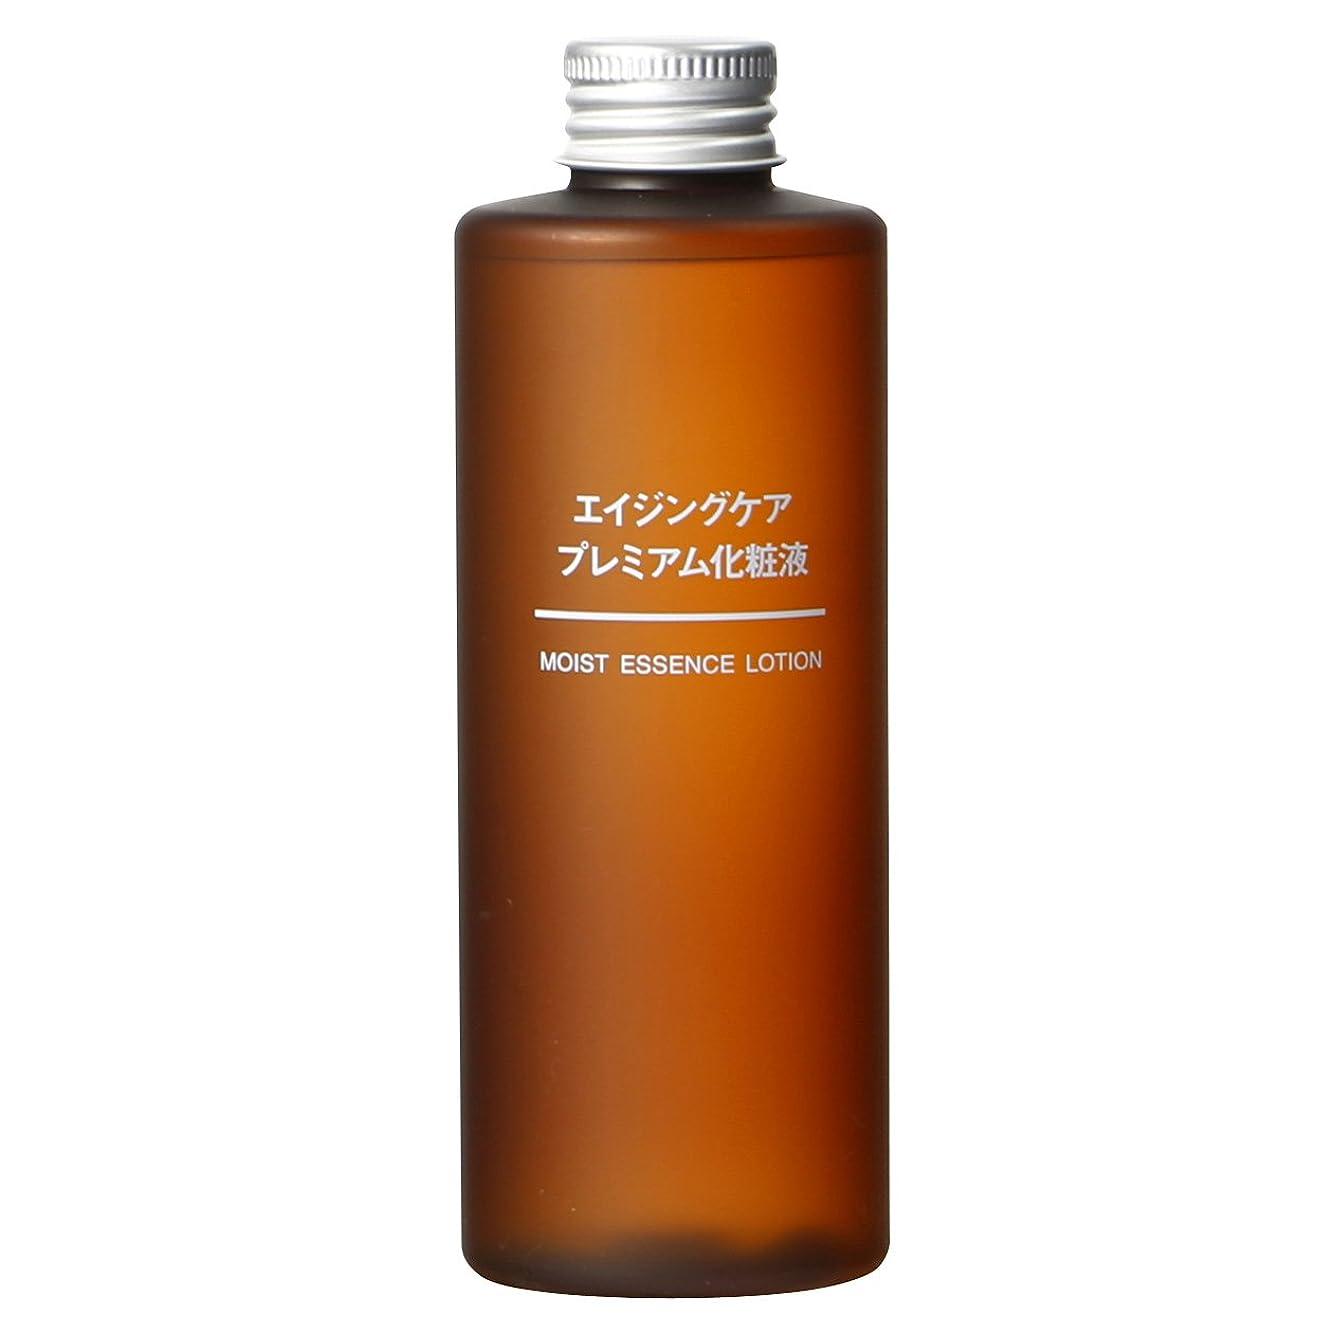 浸漬カフェアクチュエータ無印良品 エイジングケアプレミアム化粧液 200ml